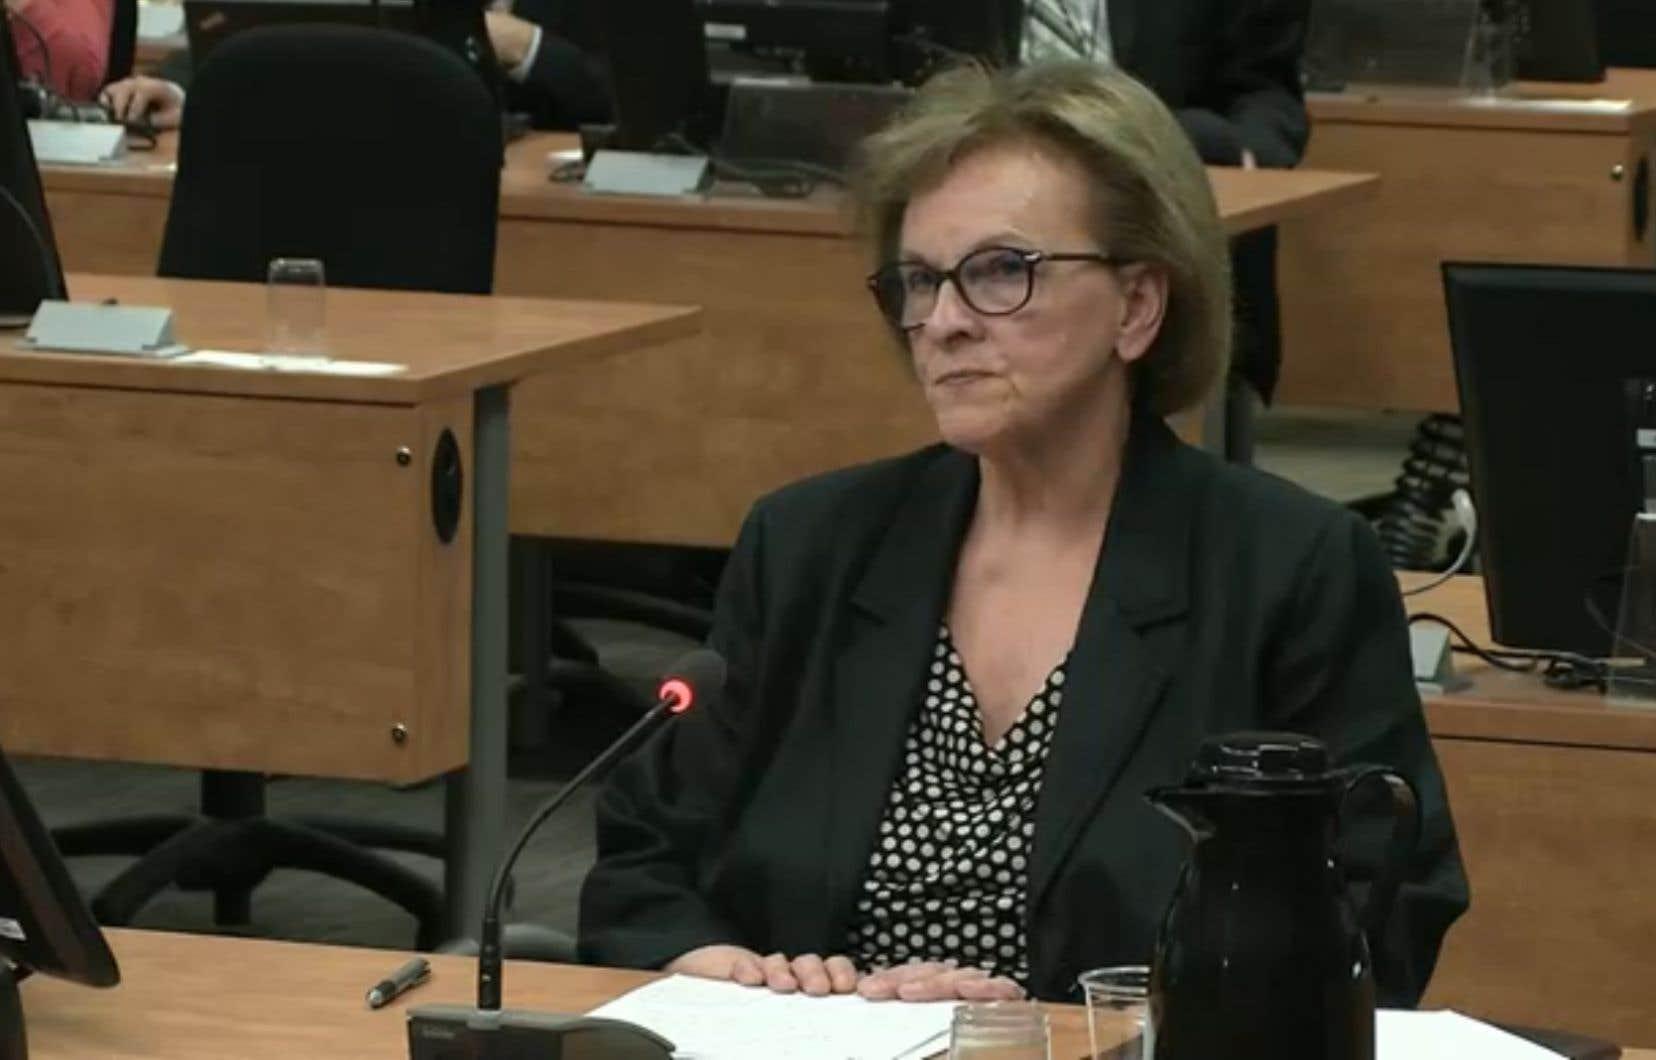 Violette Trépanier ne faisait pas un suivi pour savoir quel métier avaient les donateurs, à savoir s'ils étaient ingénieurs ou entrepreneurs susceptibles d'obtenir un contrat du gouvernement.